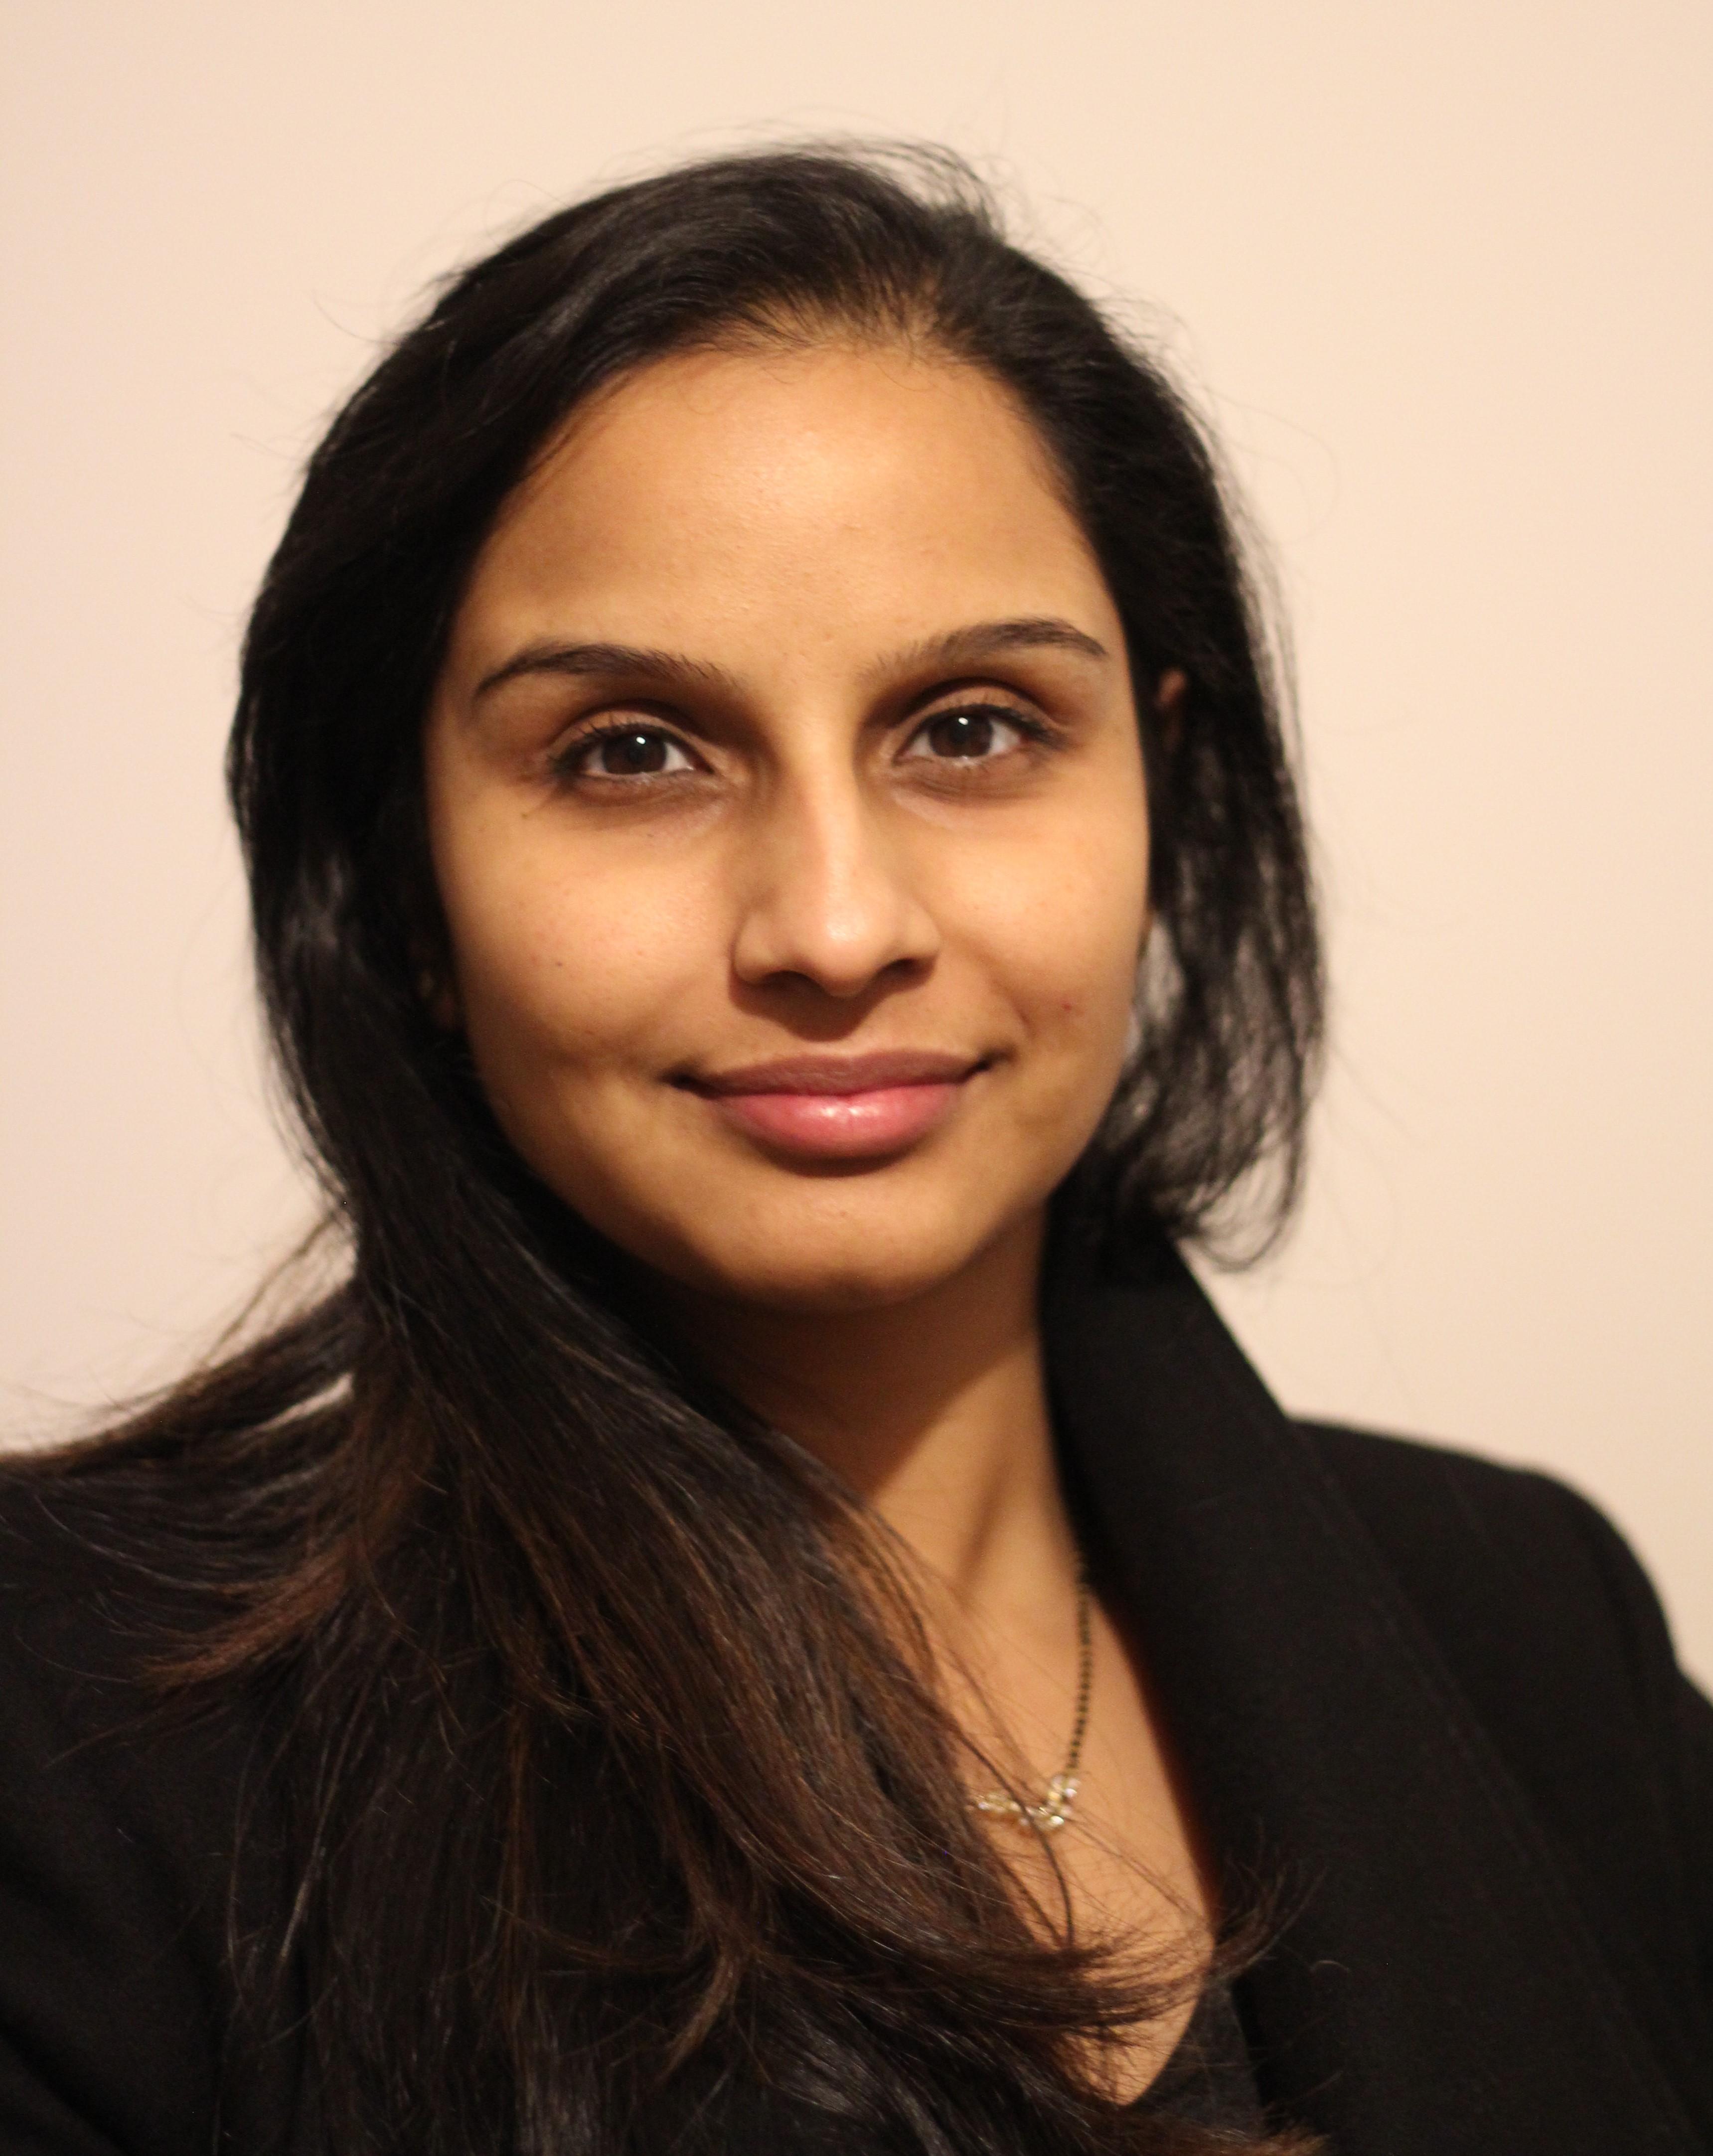 Dr Priya Desai